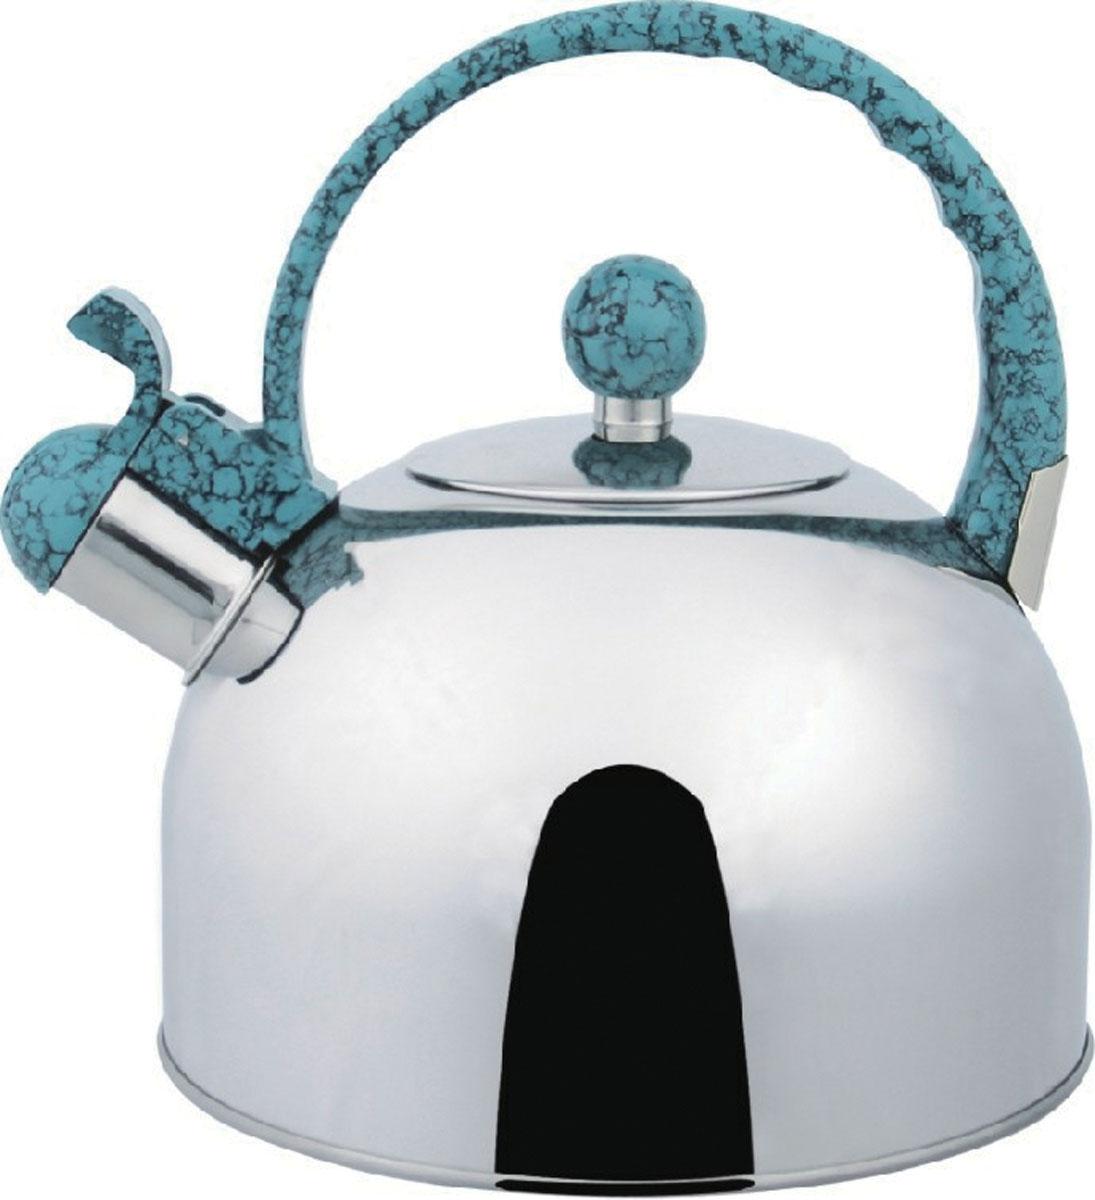 Чайник Bekker Koch со свистком, цвет: бирюзовый, 2,5 л. BK-S307BK-S307Чайник Bekker Koch выполнен из высококачественной нержавеющей стали, что обеспечивает долговечность использования. Внешнее зеркальное покрытие придает приятный внешний вид. Пластиковая фиксированная ручка, выполненная под мрамор, делает использование чайника очень удобным и безопасным. Чайник снабжен свистком и устройством для открывания носика. Изделие оснащено капсулированным дном для лучшего распространения тепла.Можно мыть в посудомоечной машине. Пригоден для всех видов плит кроме индукционных. Высота чайника (без учета крышки и ручки): 11,5 см.Диаметр основания: 19 см. Толщина стенки: 3 мм.